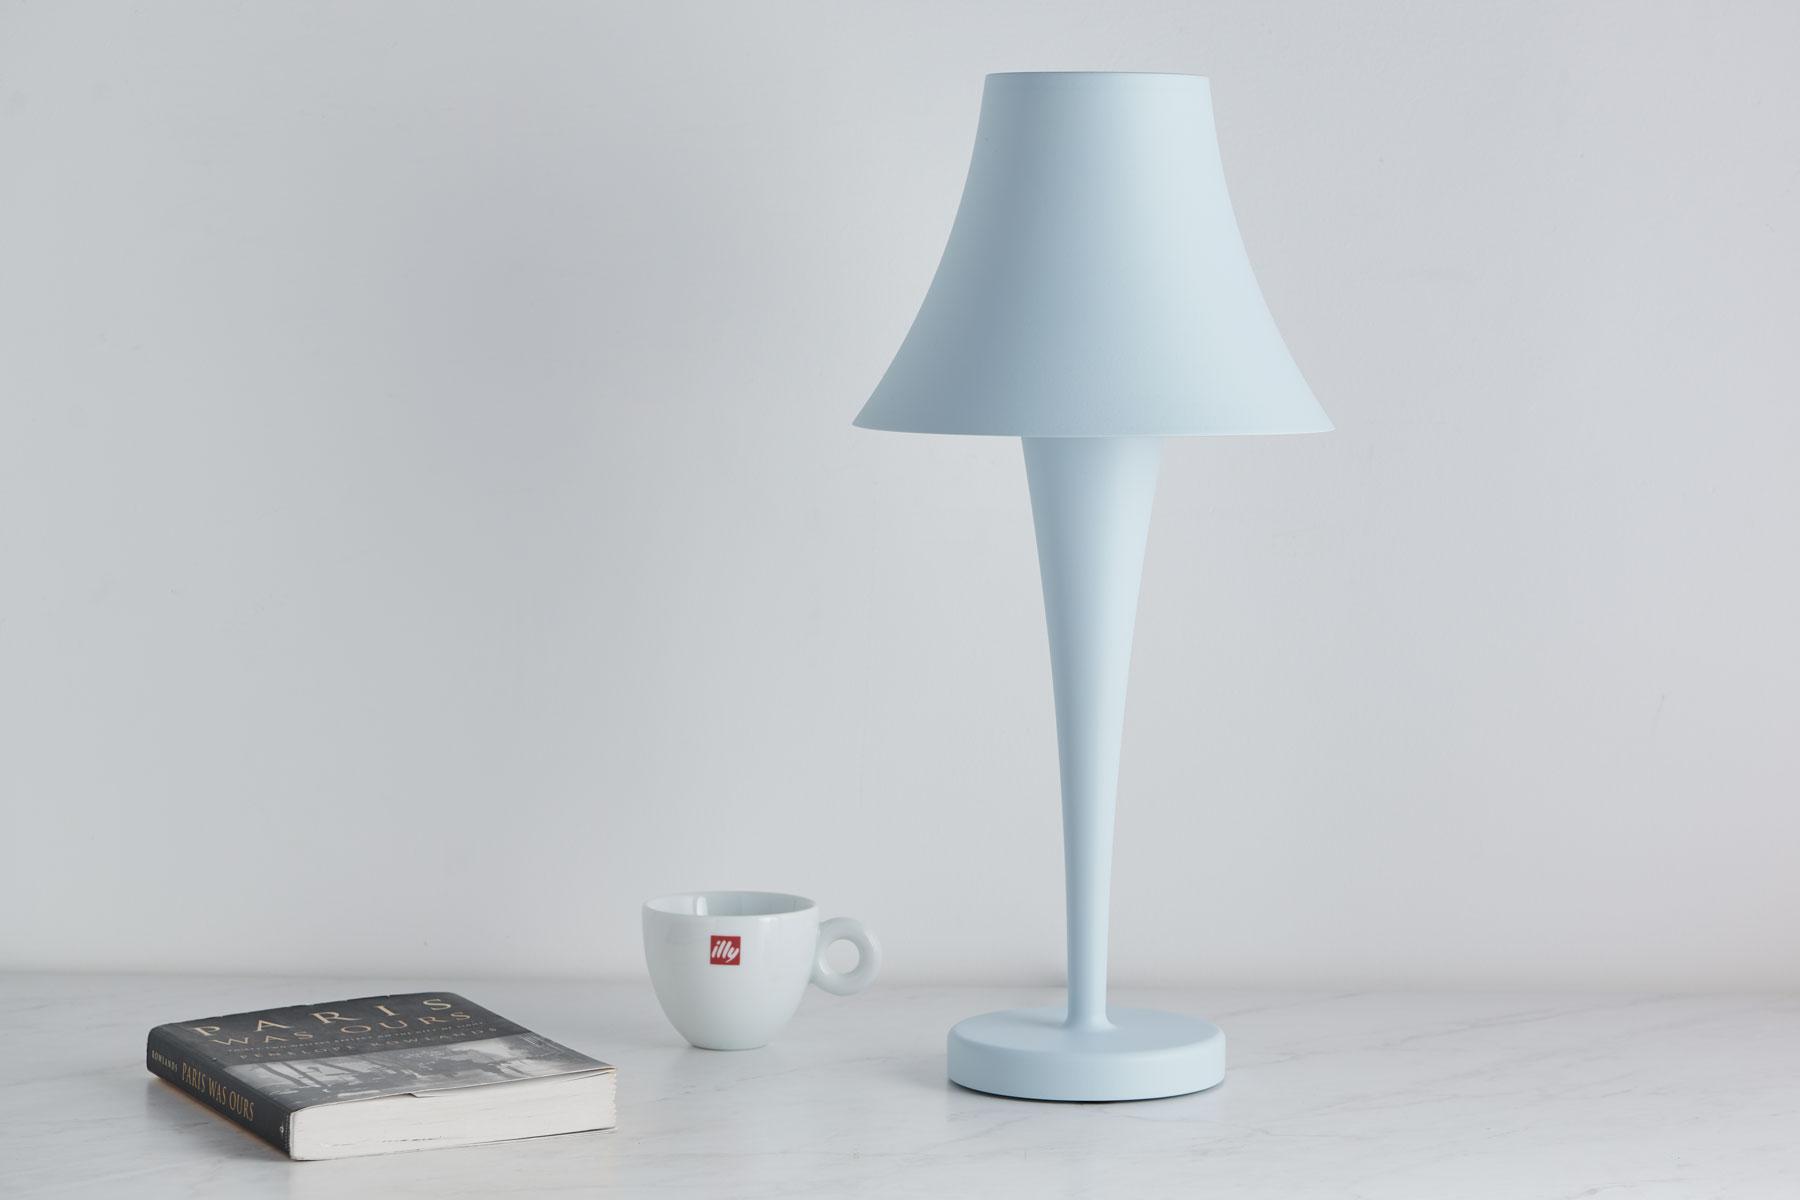 Gantri 3D Table Light